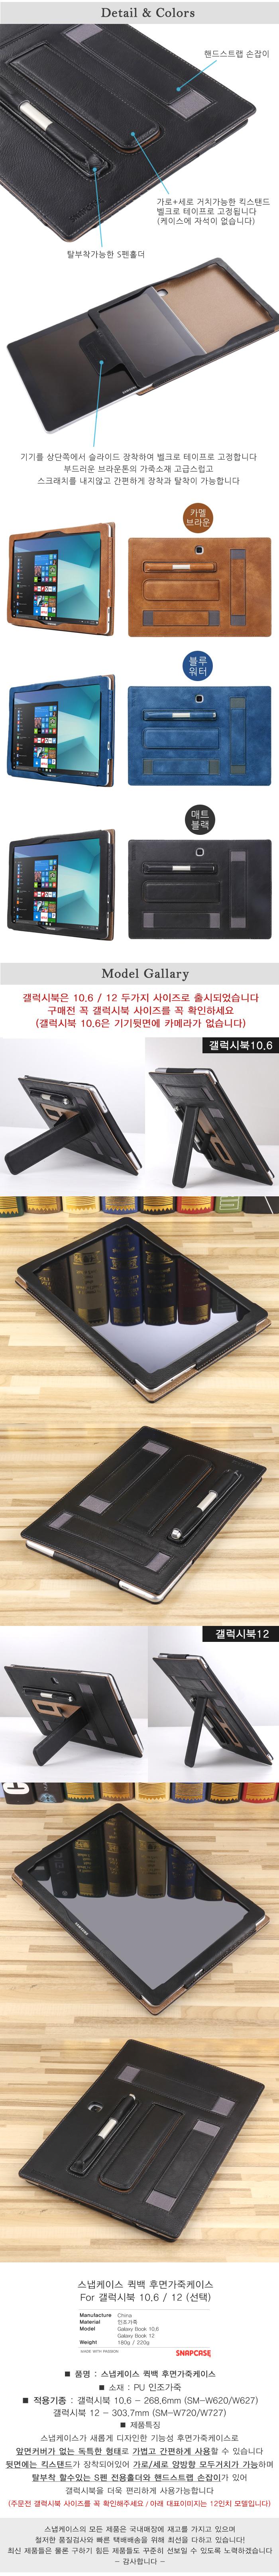 스냅케이스 갤럭시북 10.6 12 퀵백 후면가죽케이스 - 스냅케이스, 22,000원, 케이스, 기타 갤럭시 제품